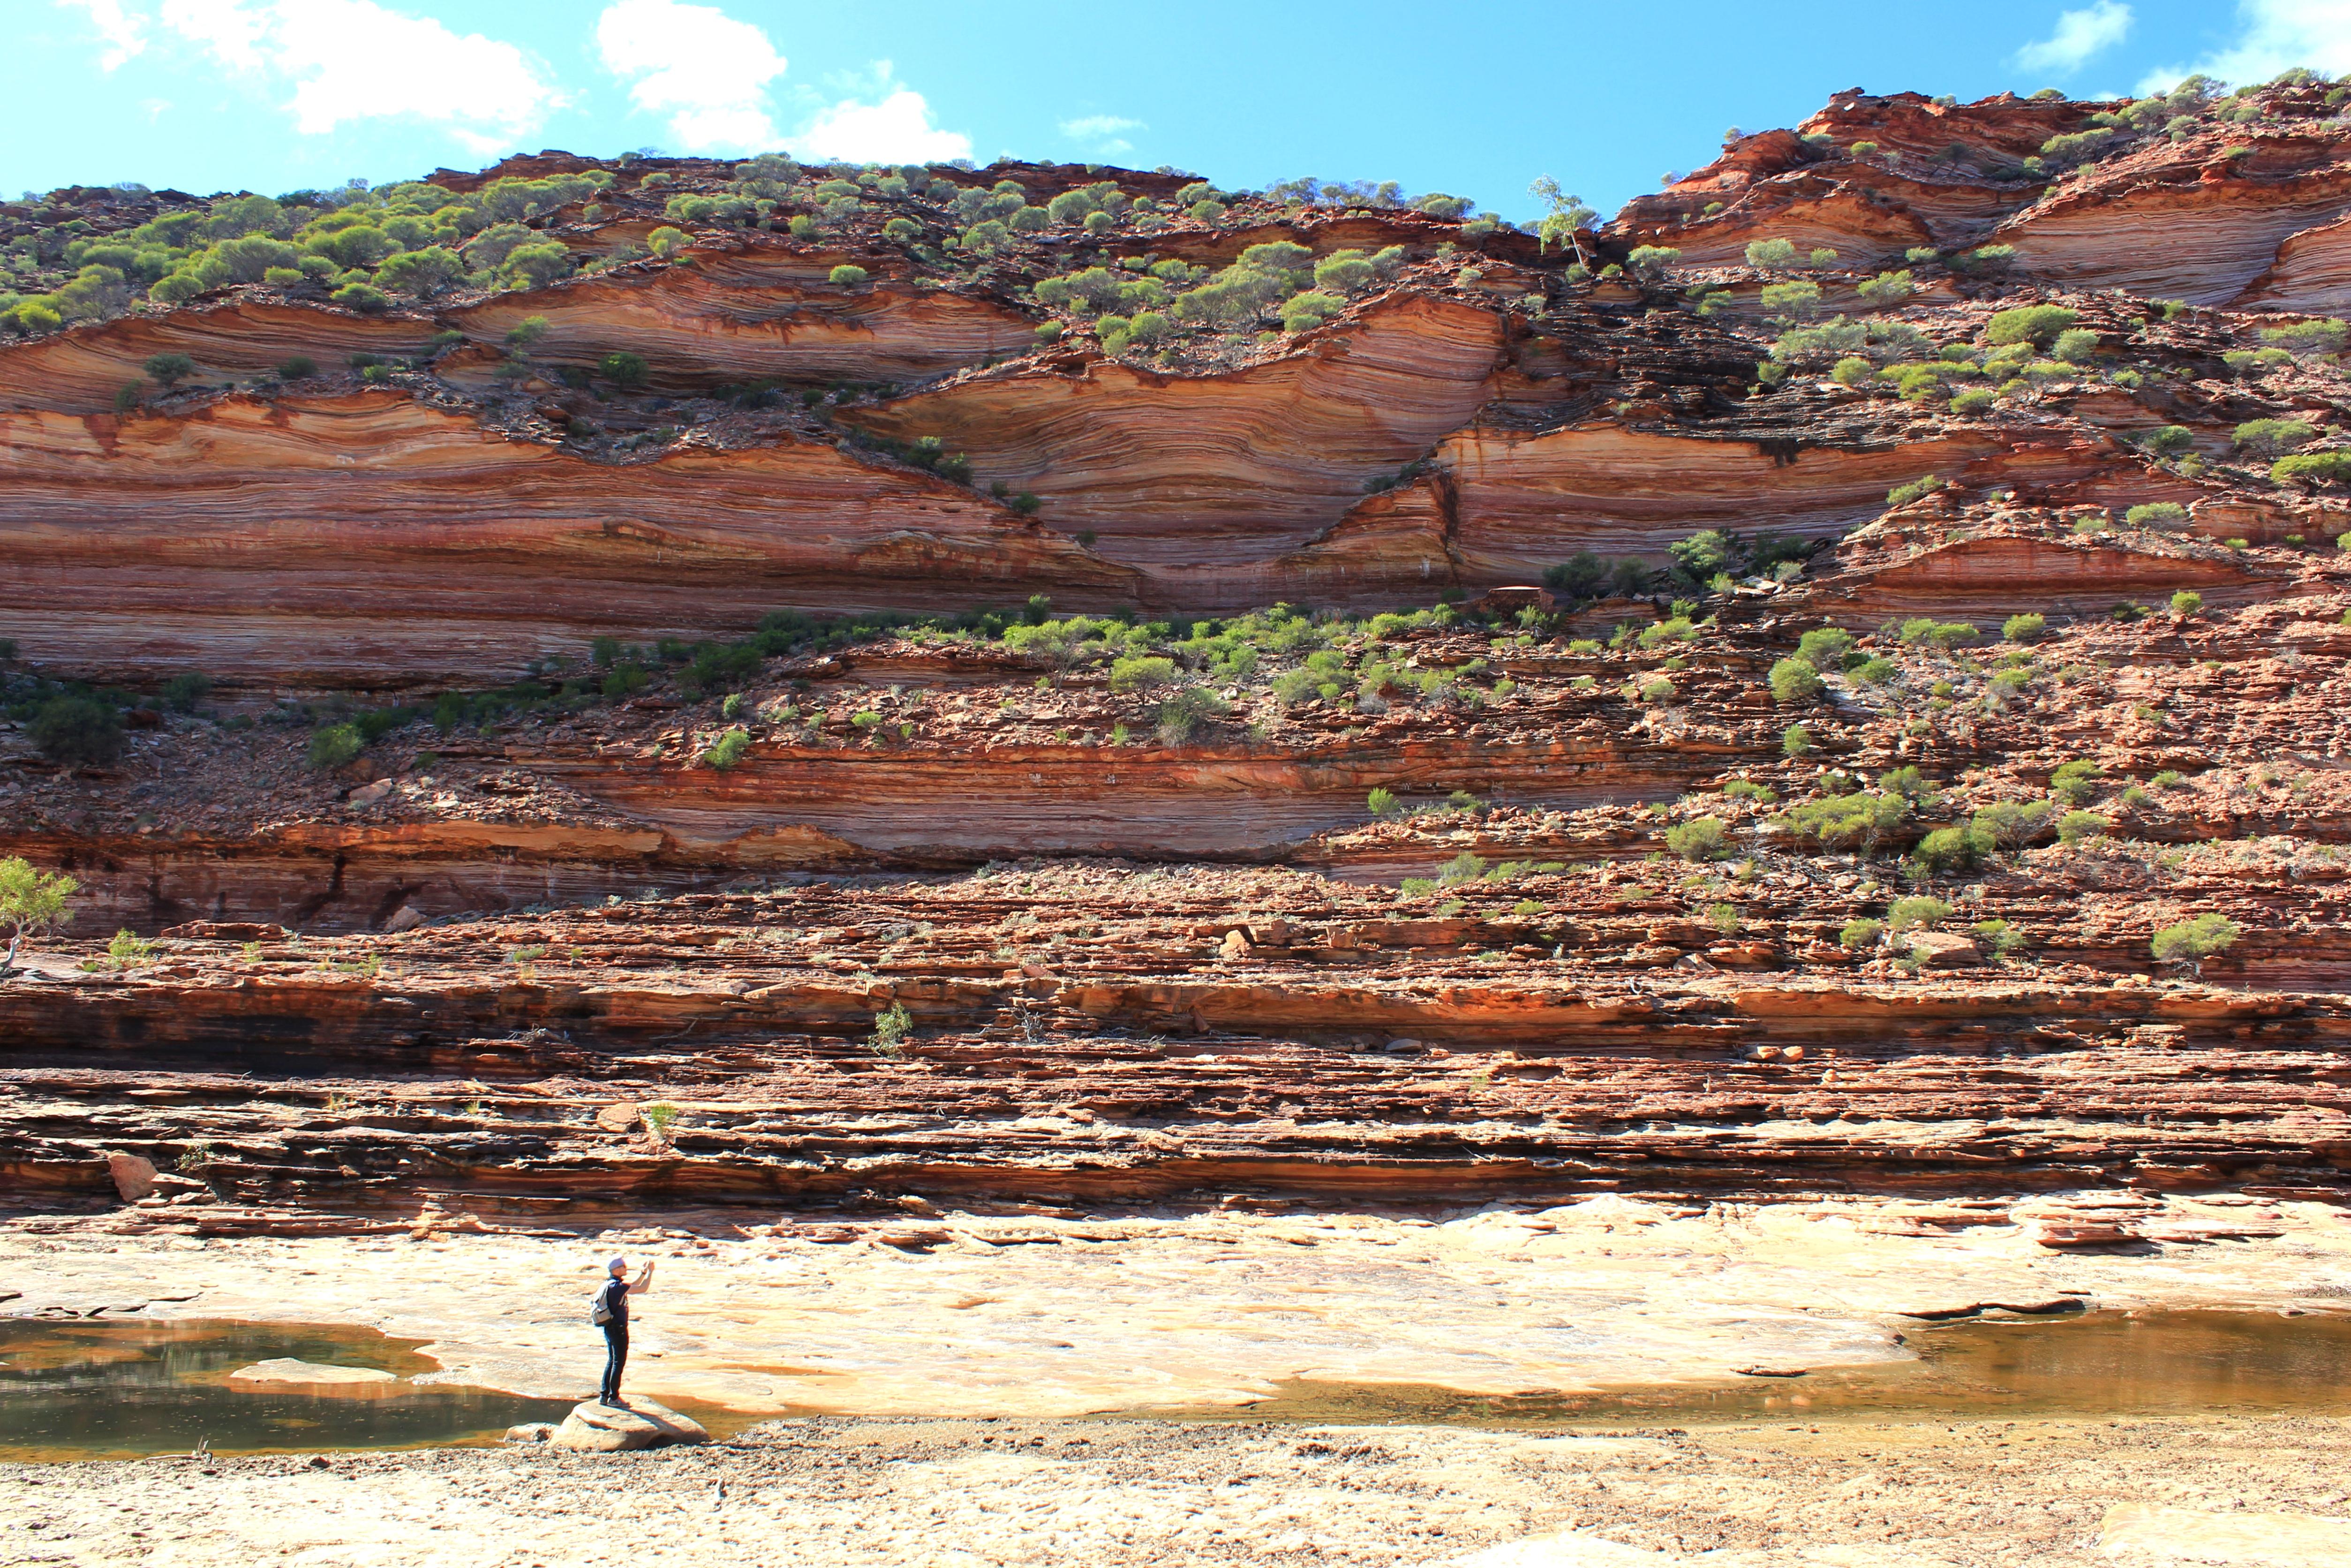 Voyages-et-compagnie.com - Blog voyage | Côte Ouest Australie - Kalbarri National Park